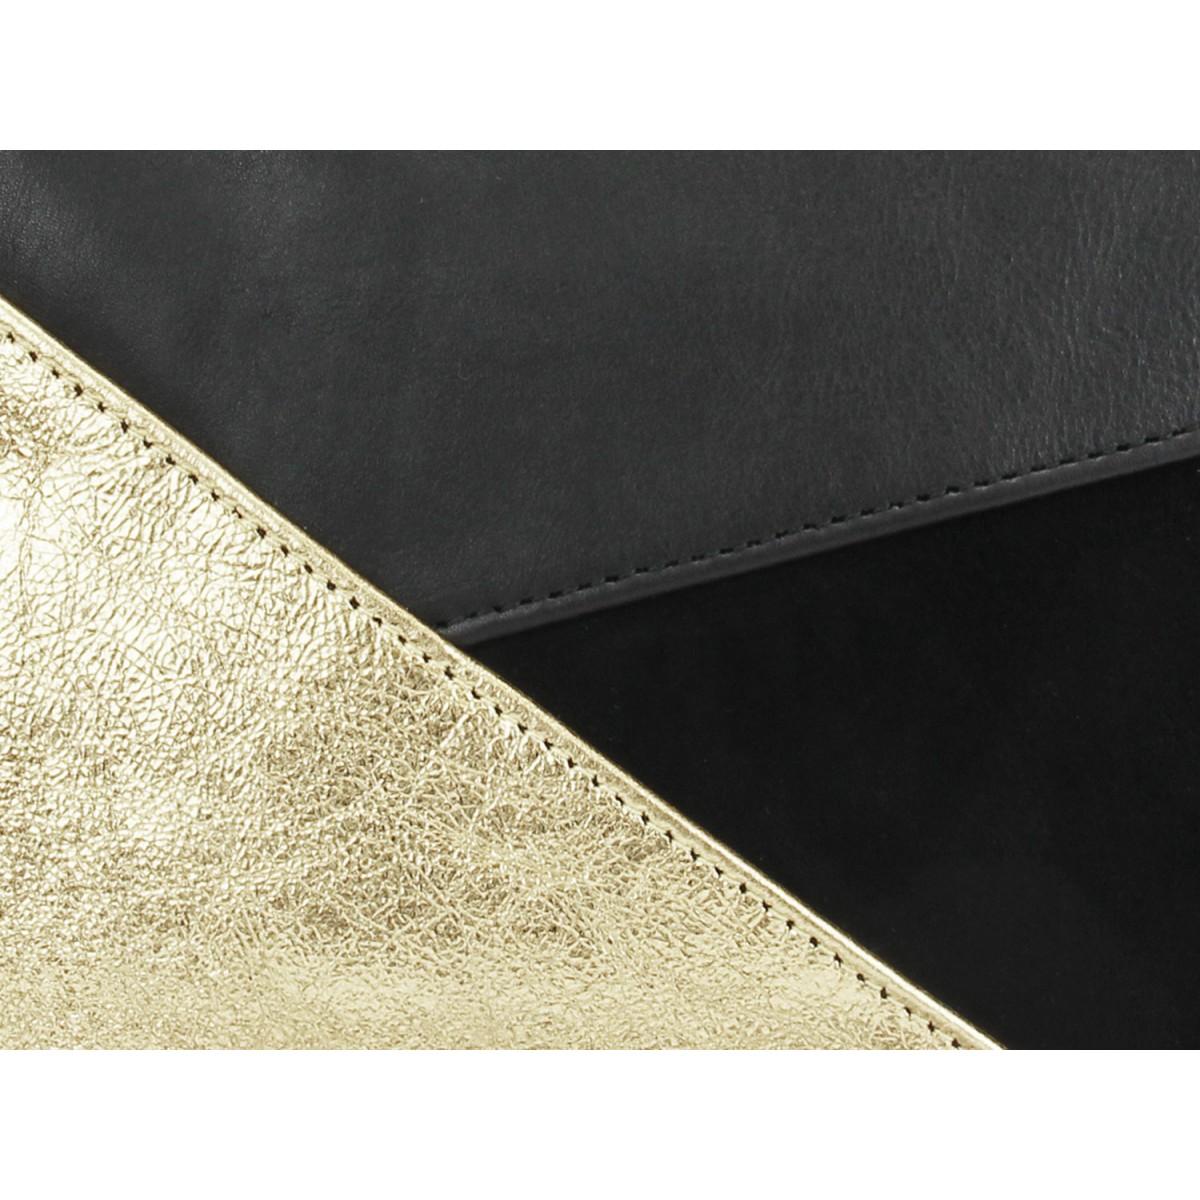 lille mus Geo-Umhängeclutch GESINCHEN - Schwarz/Gold aus Leder mit Umhängeriemen